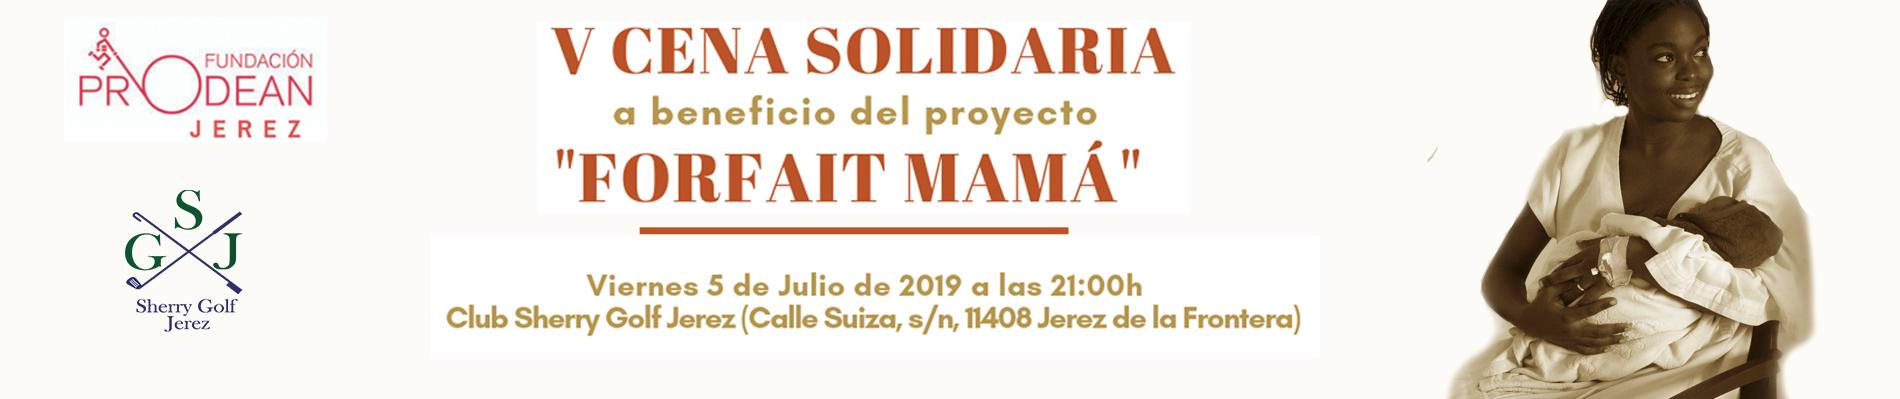 banner-fiesta-jerez-2019